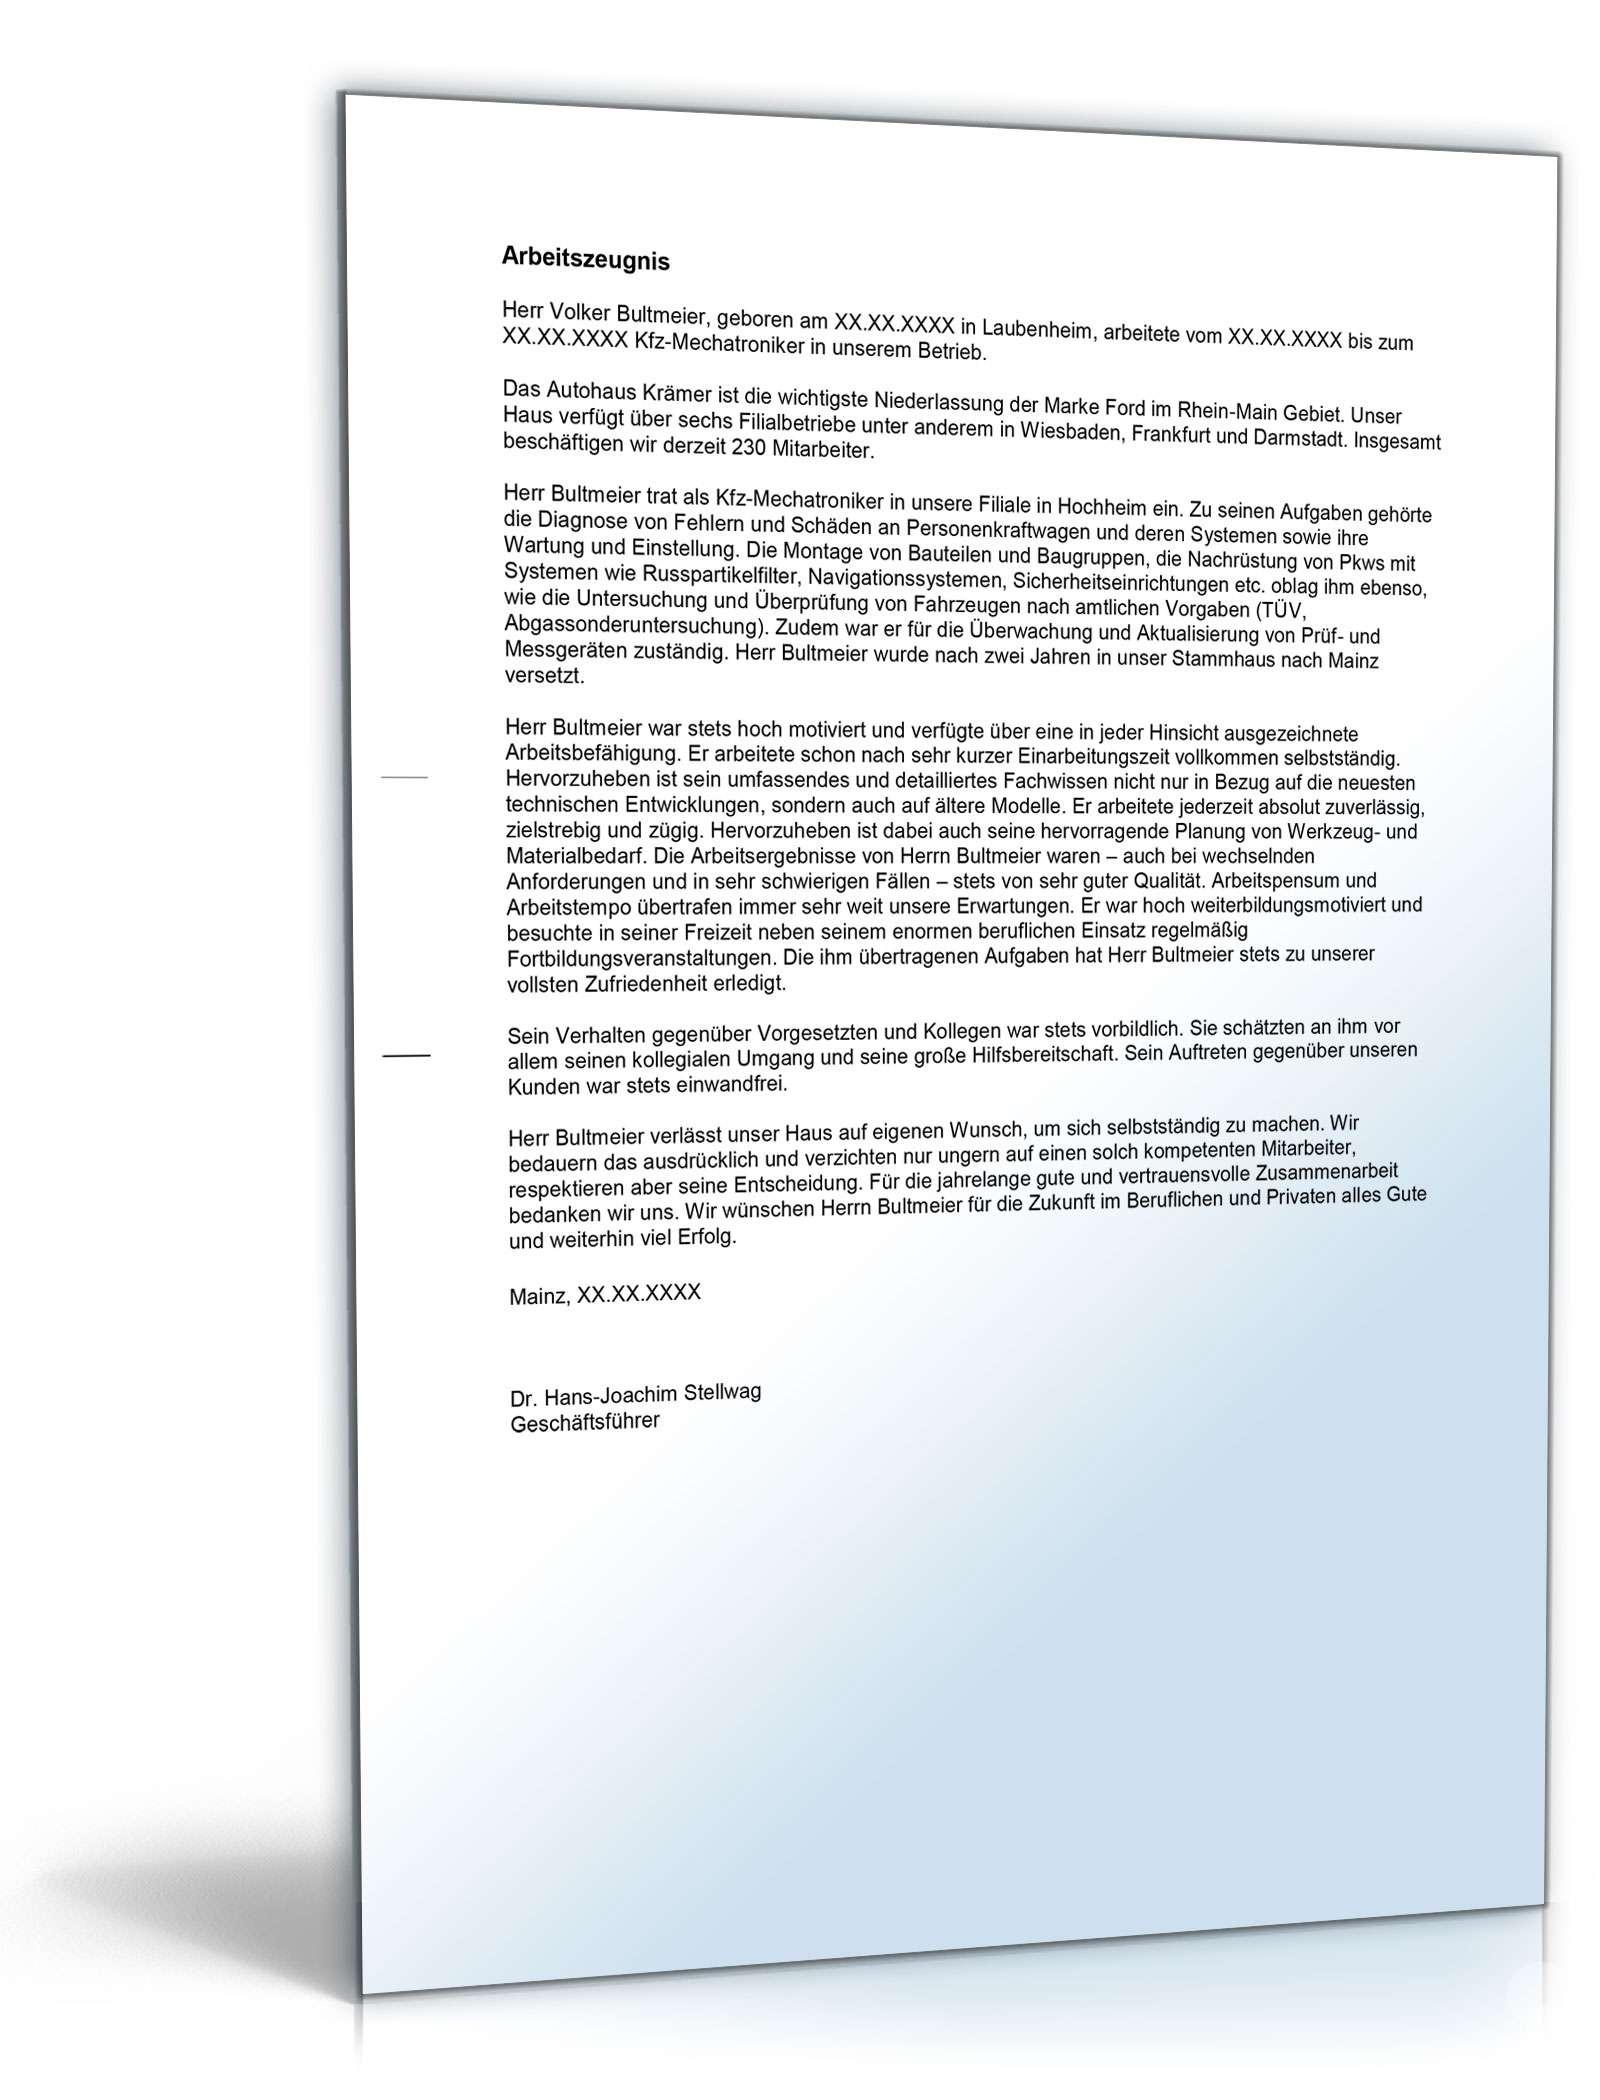 arbeitszeugnis kfz mechatroniker muster - Arbeitszeugnis Schreiben Muster